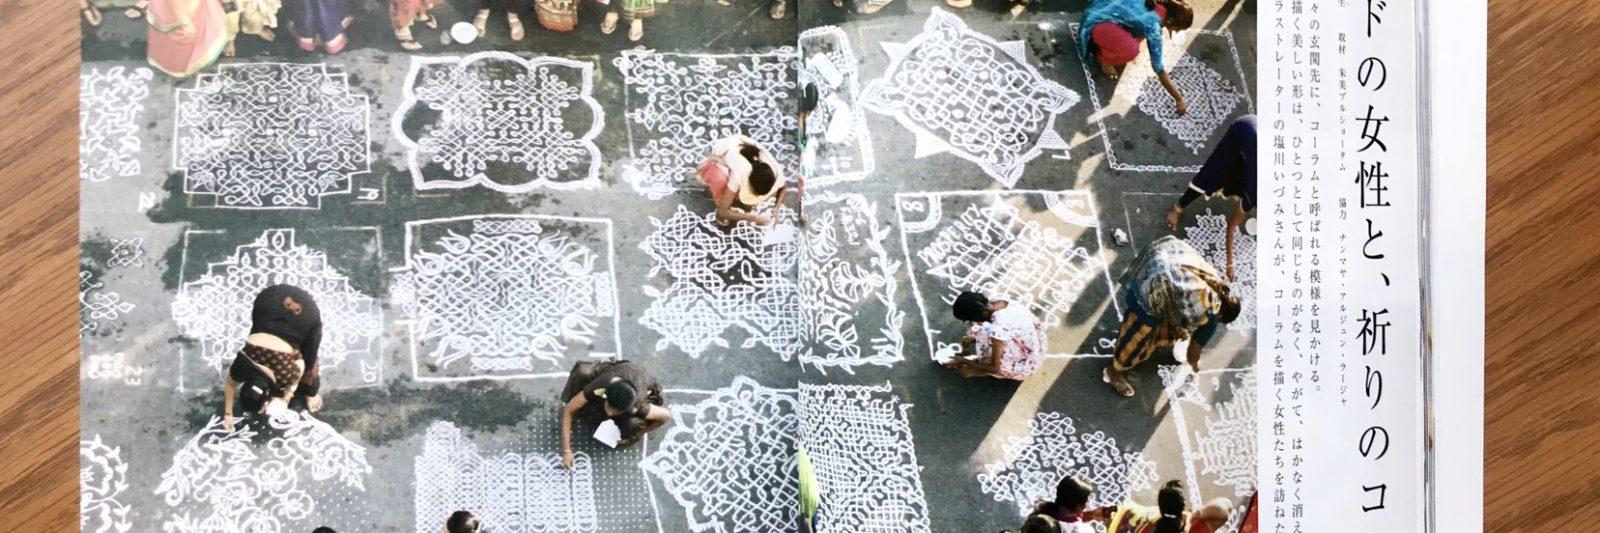 暮しの手帖コーラム、インド